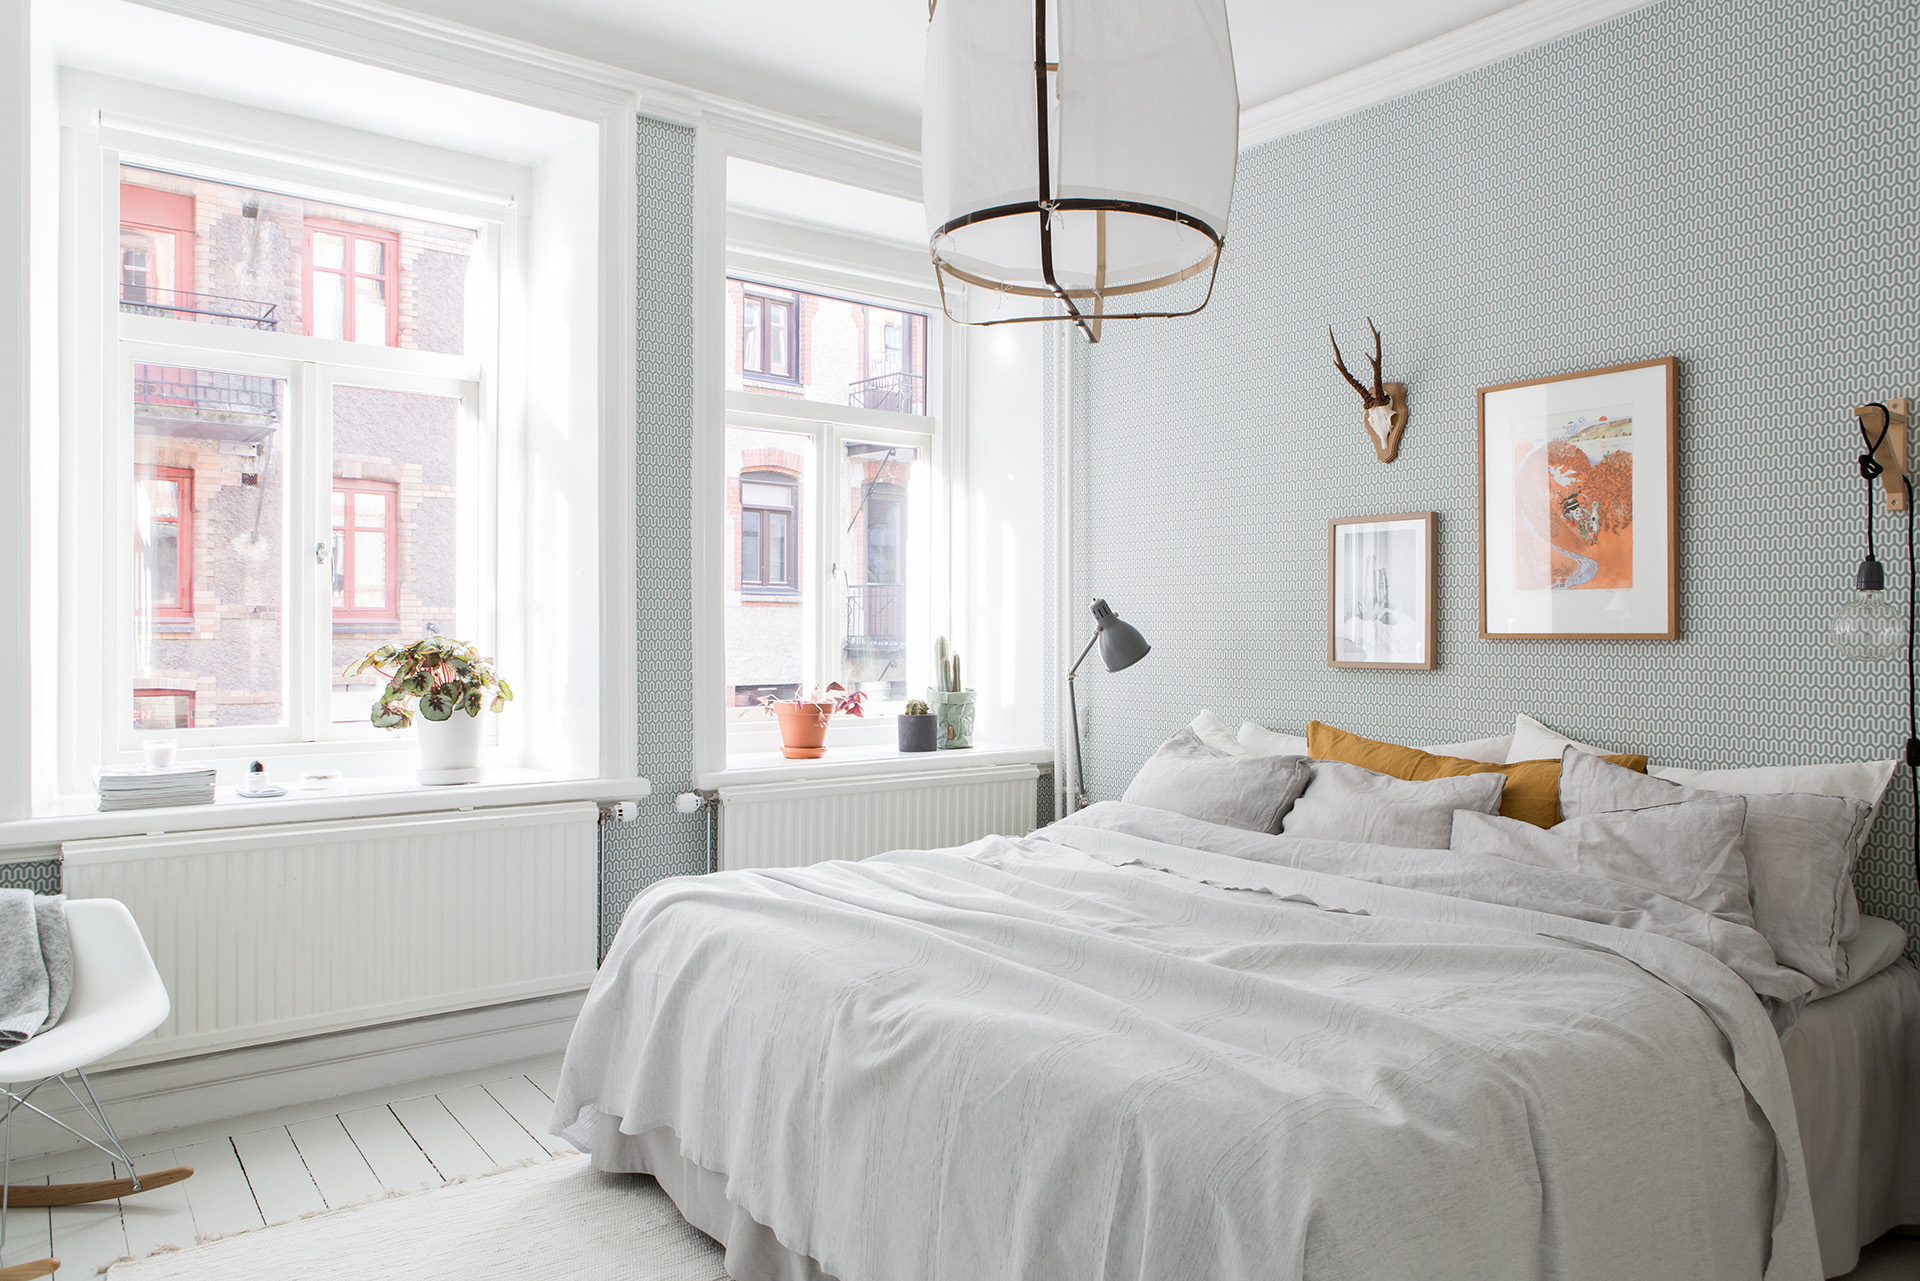 In Deze Mooie Slaapkamer Vind Je Een Aantal Hele Leuke Decoratie Ideeen Homease